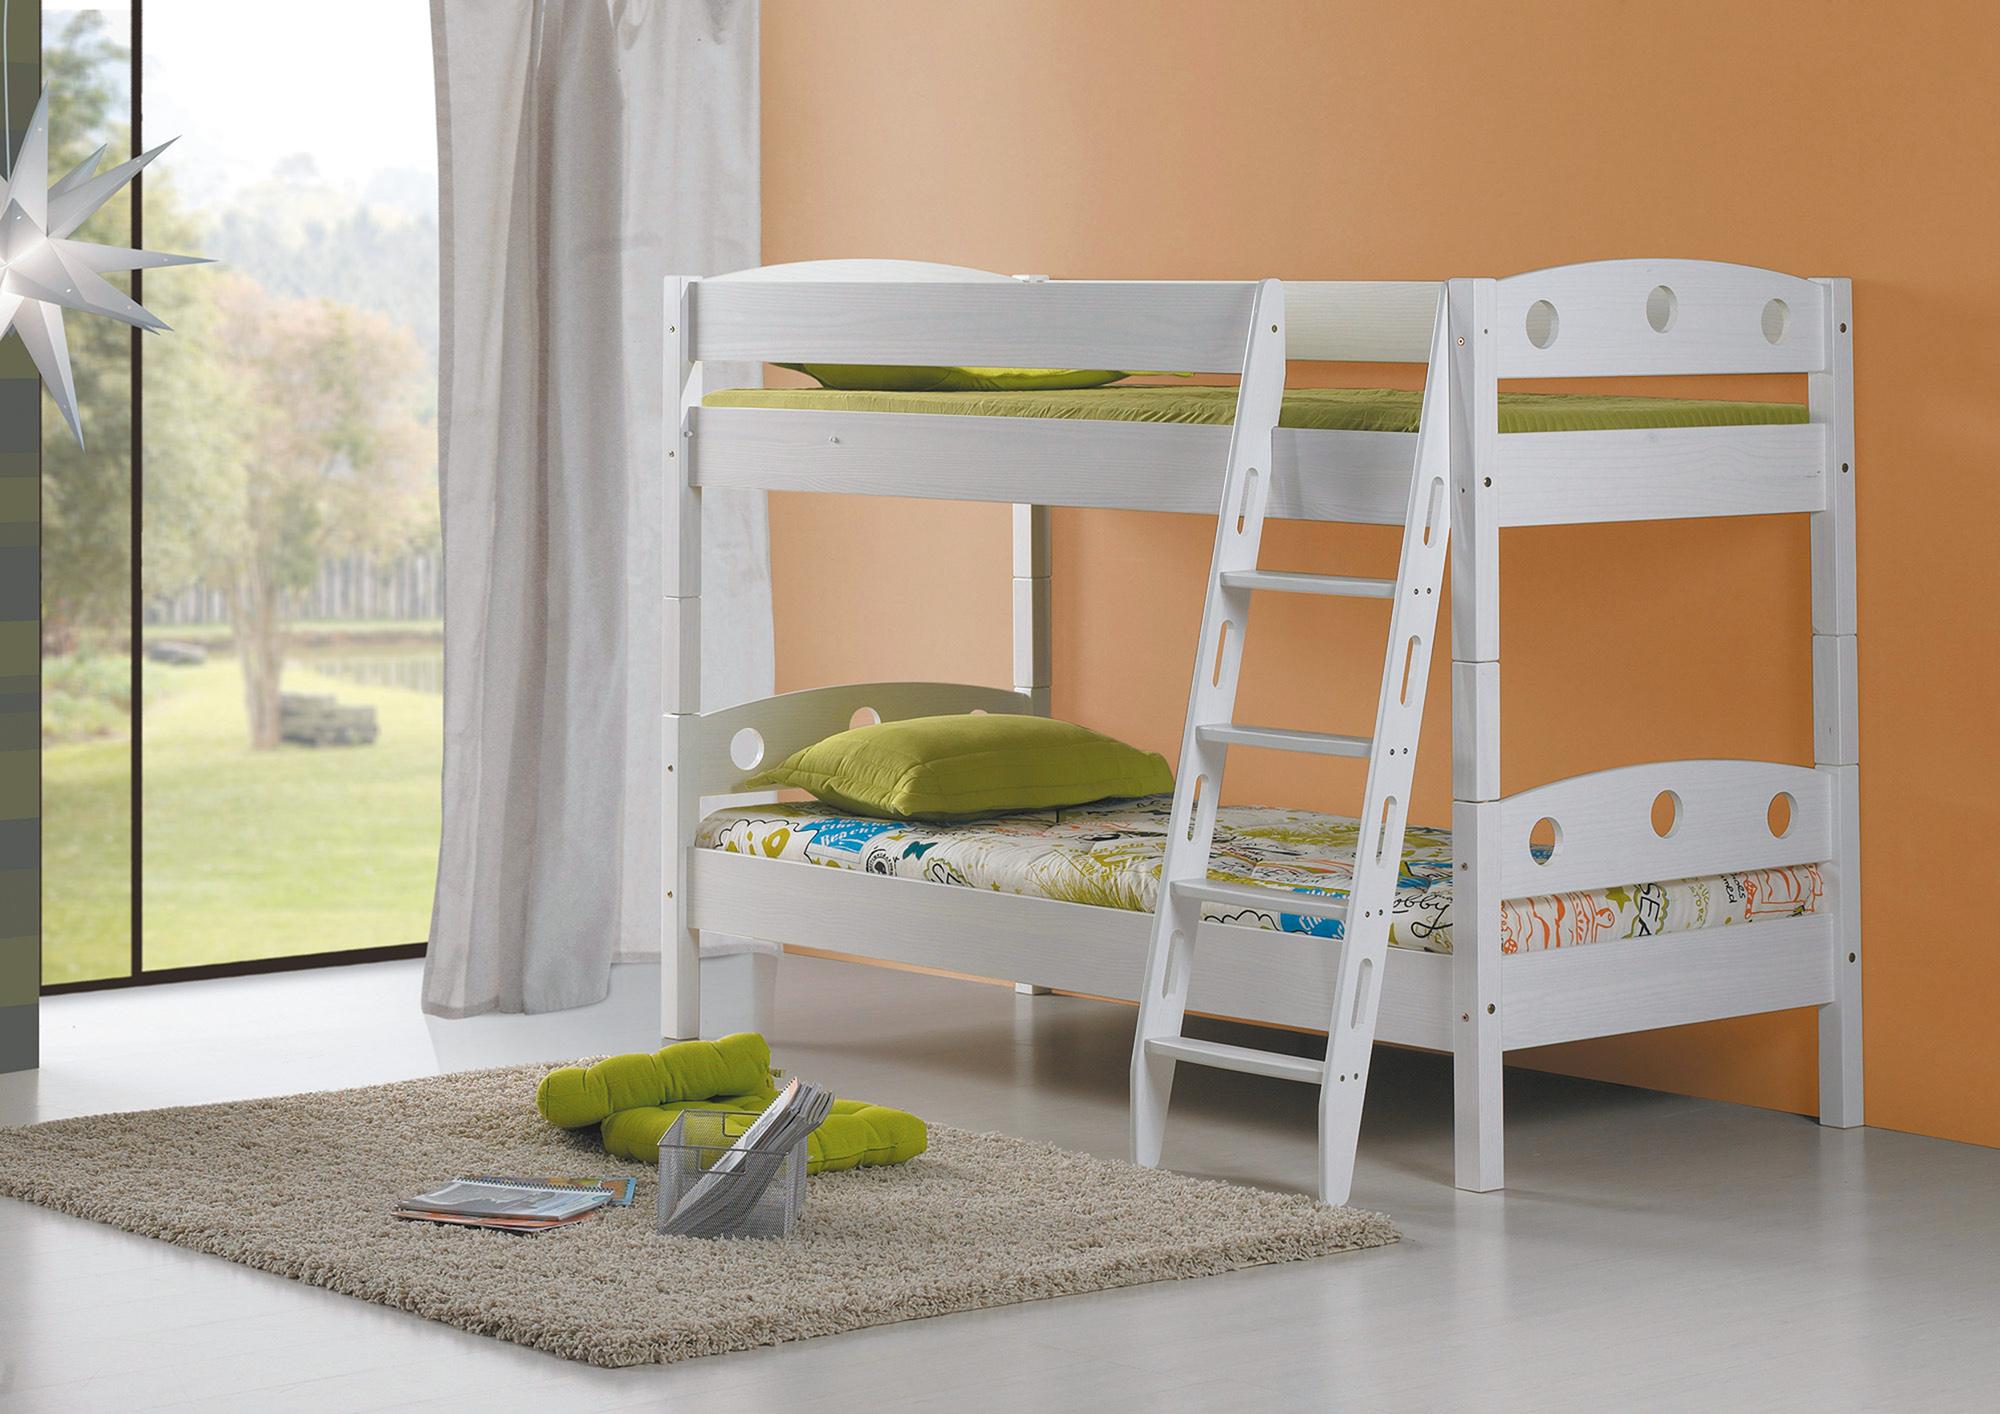 Etagenbett Kind Und Baby : Etagenbett doppelbett stockbett mit schrägleiter kenny kiefer massiv